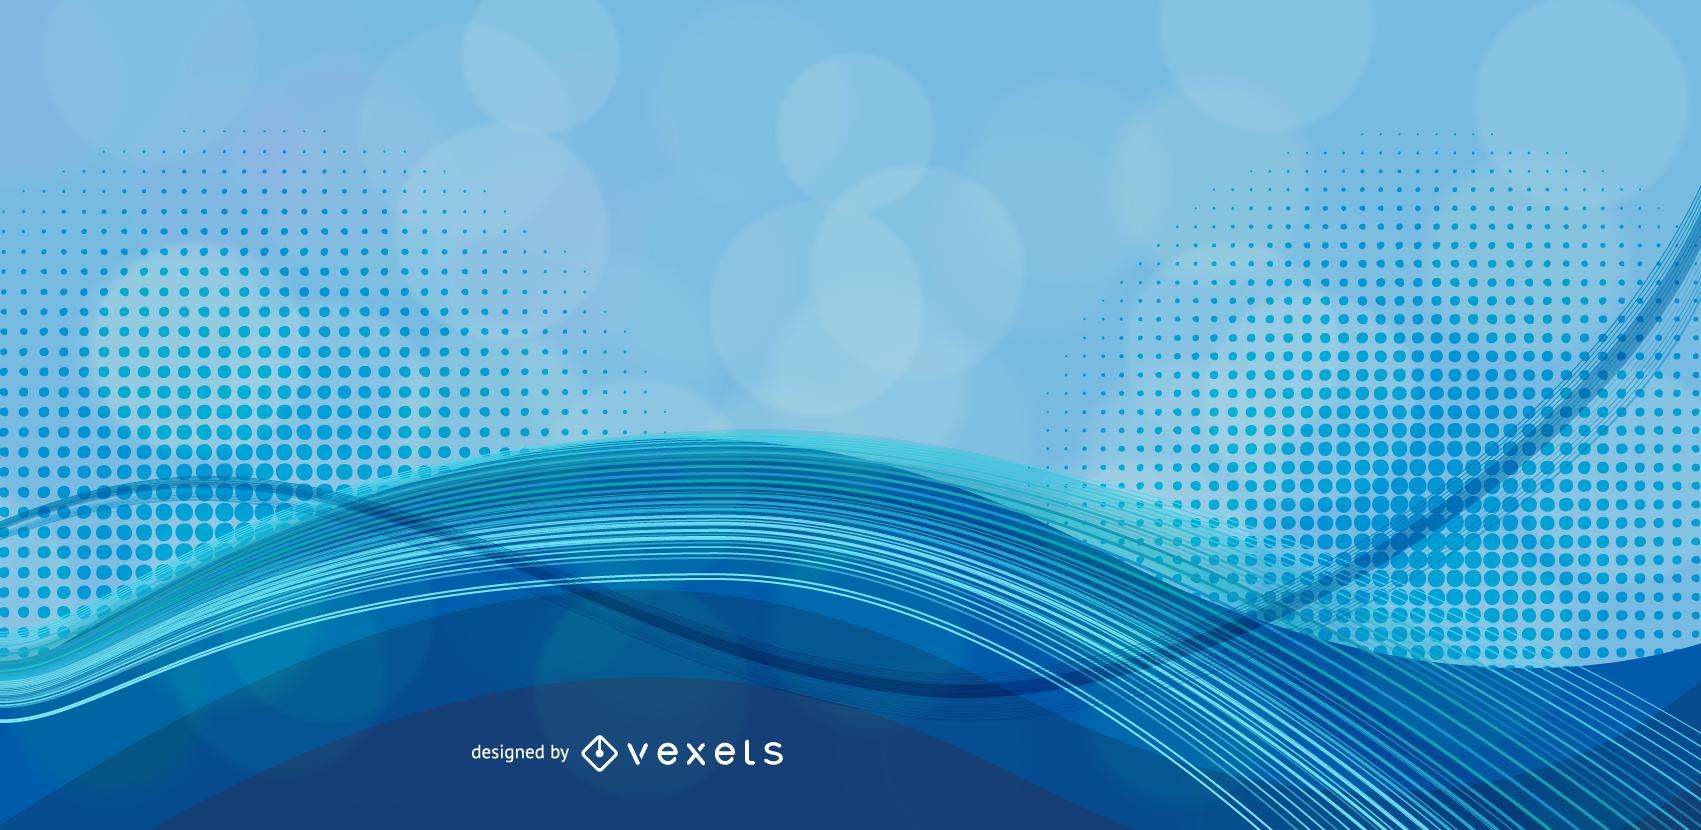 Abstrakte blaue Hintergrund-Vektorgrafik 1